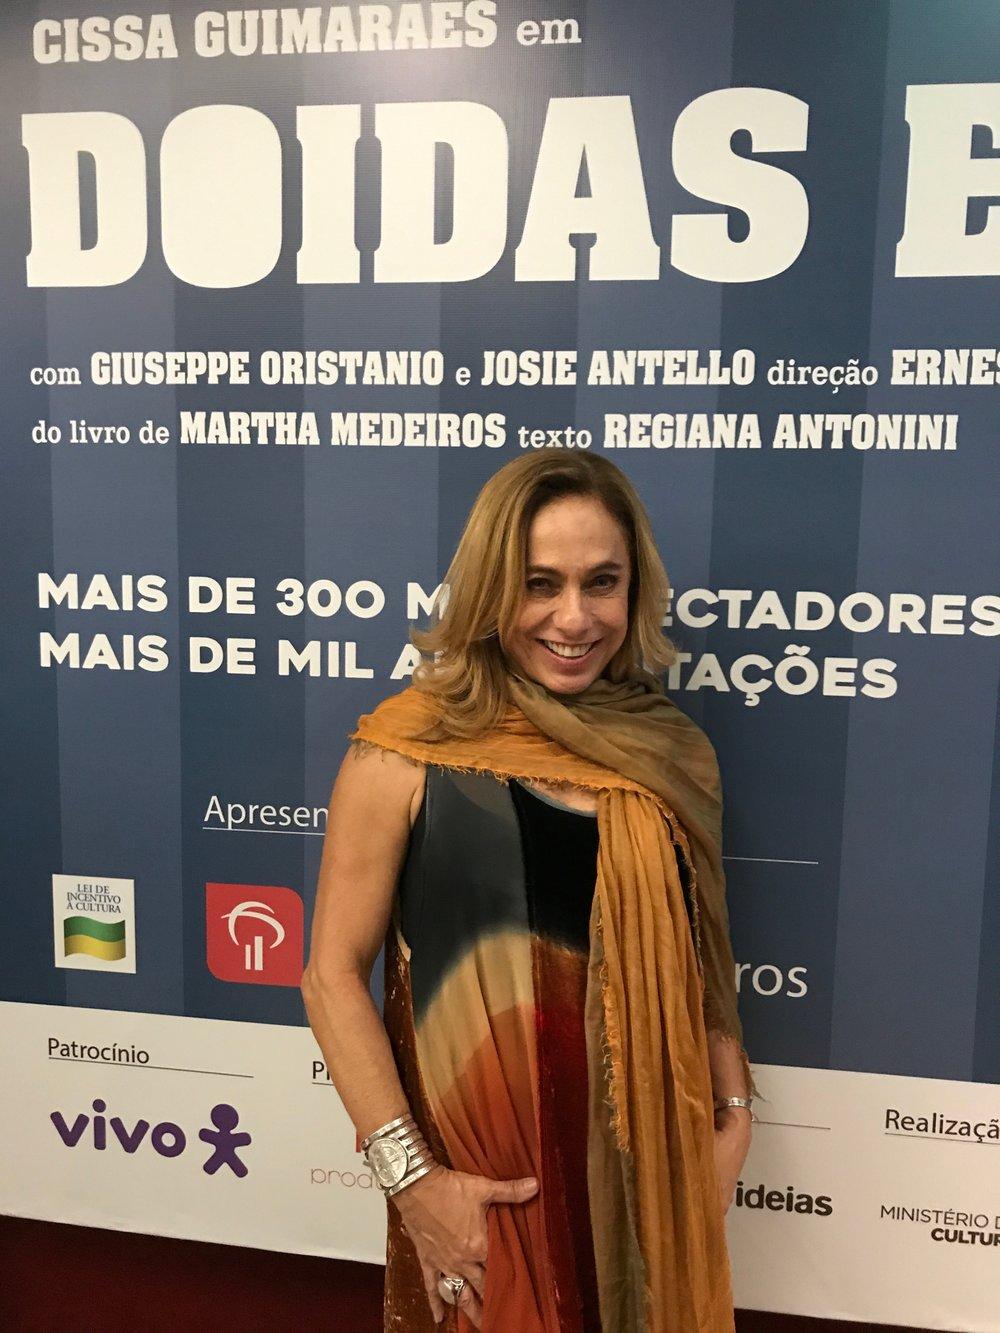 Cissa in Rio